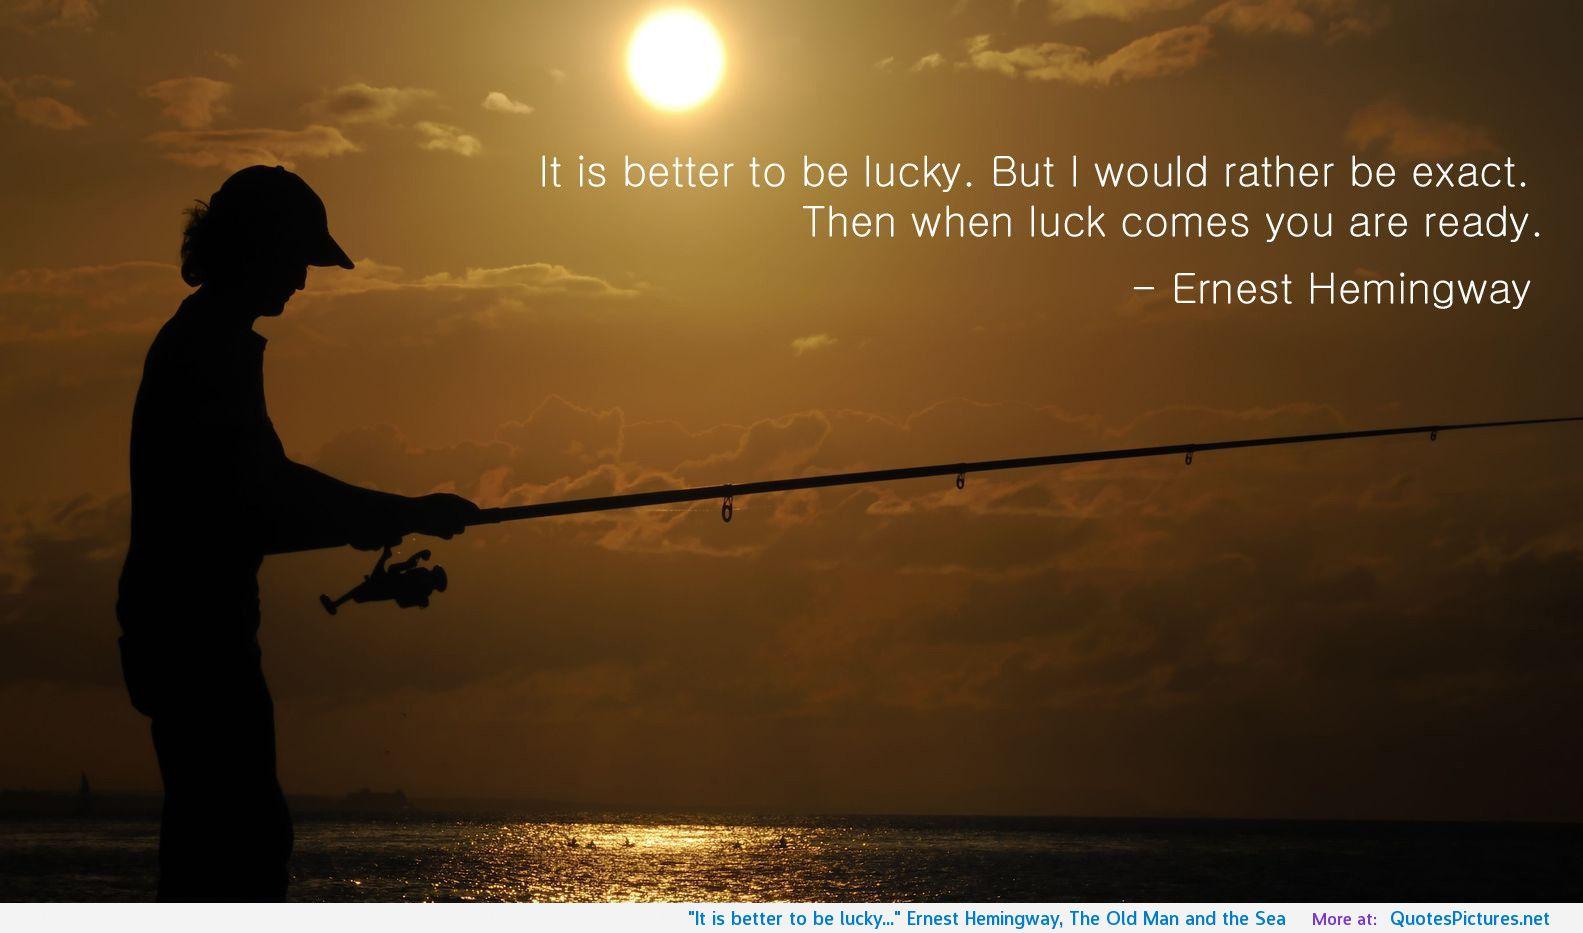 Sailing Quotes And Friendship Quotesgram: Sailing Quotes Hemingway. QuotesGram